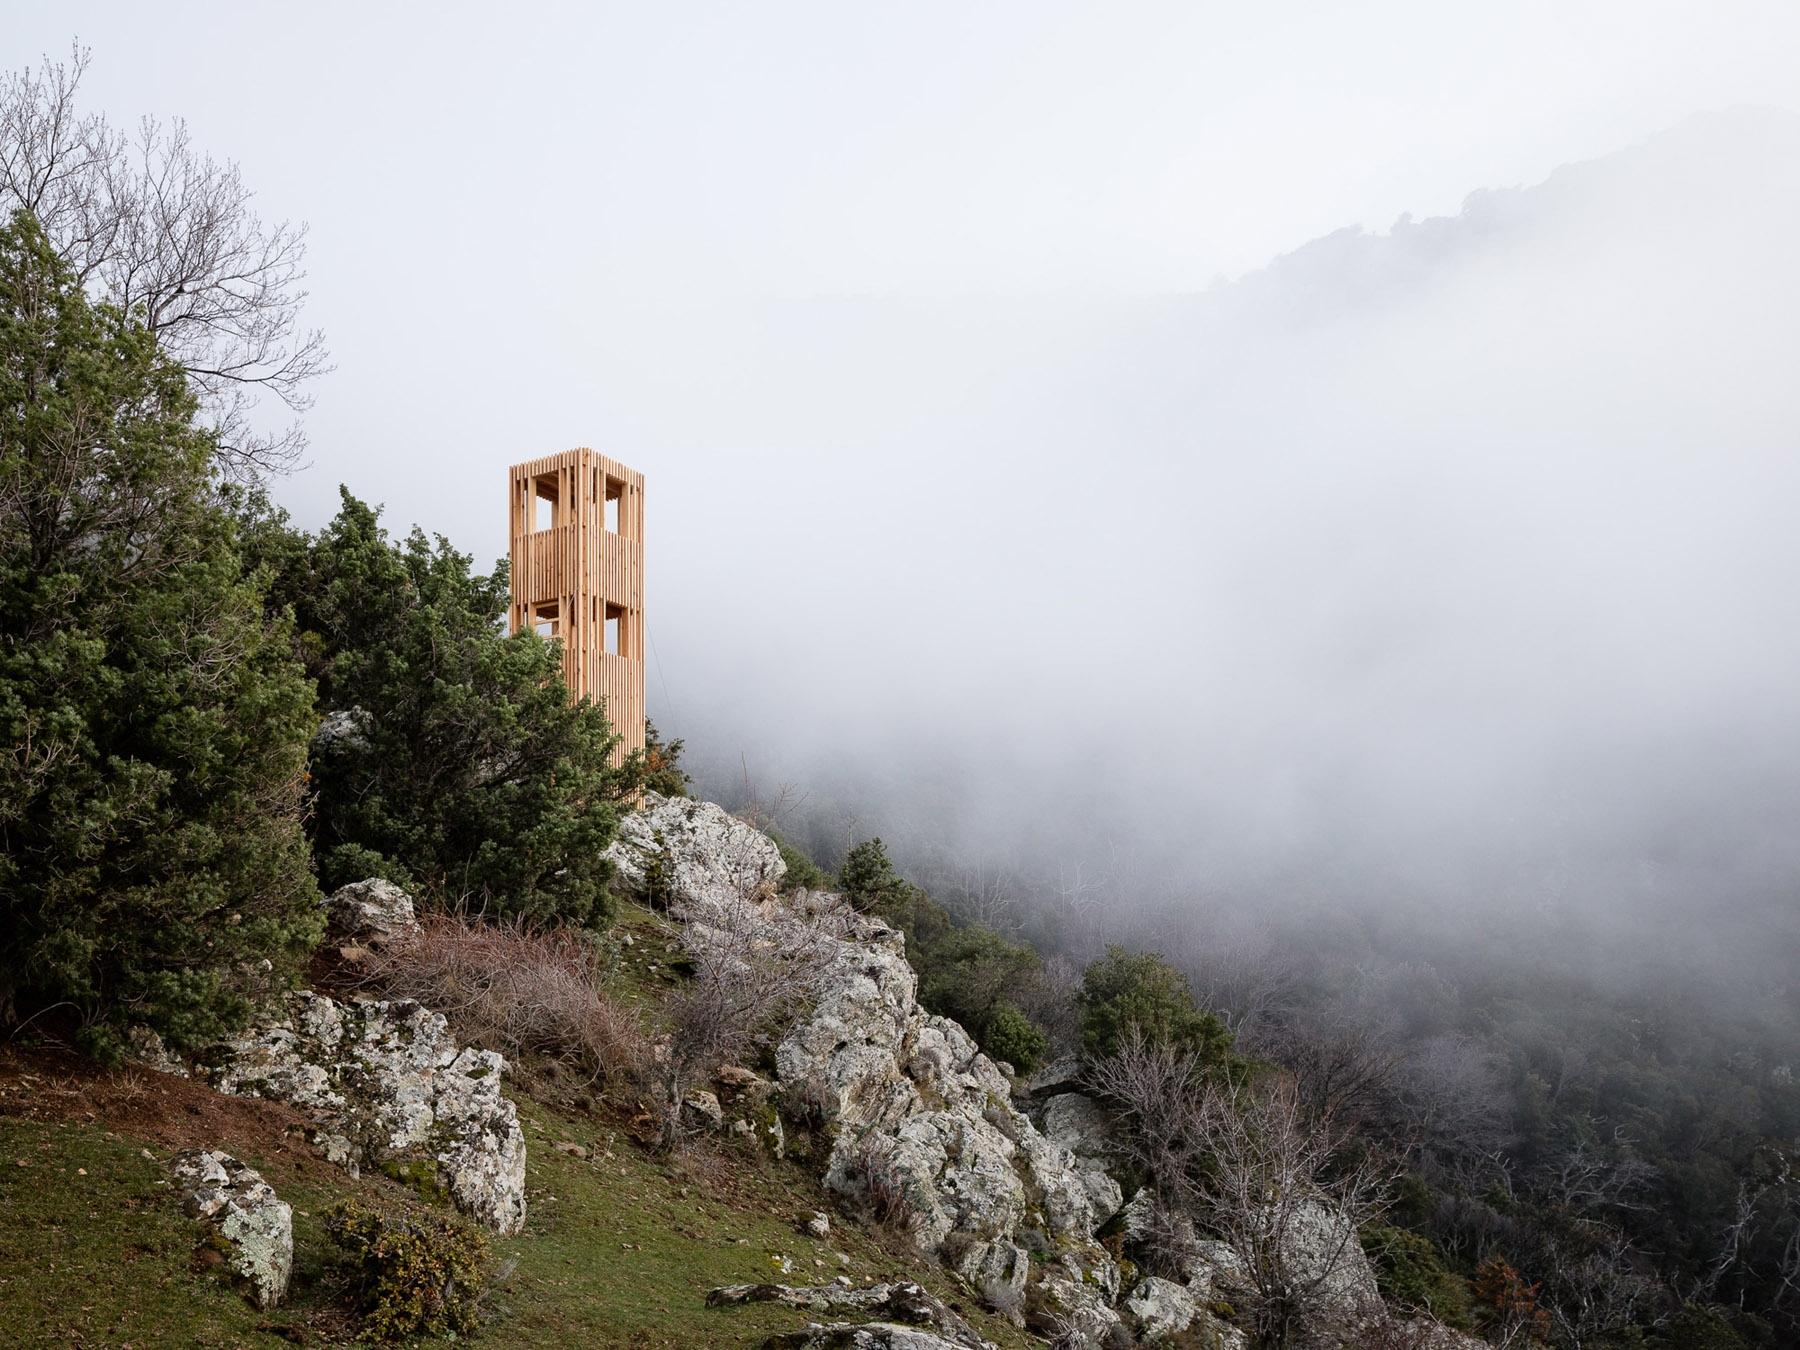 Observatoire du Cerf Corse Orma - thisispaper | ello